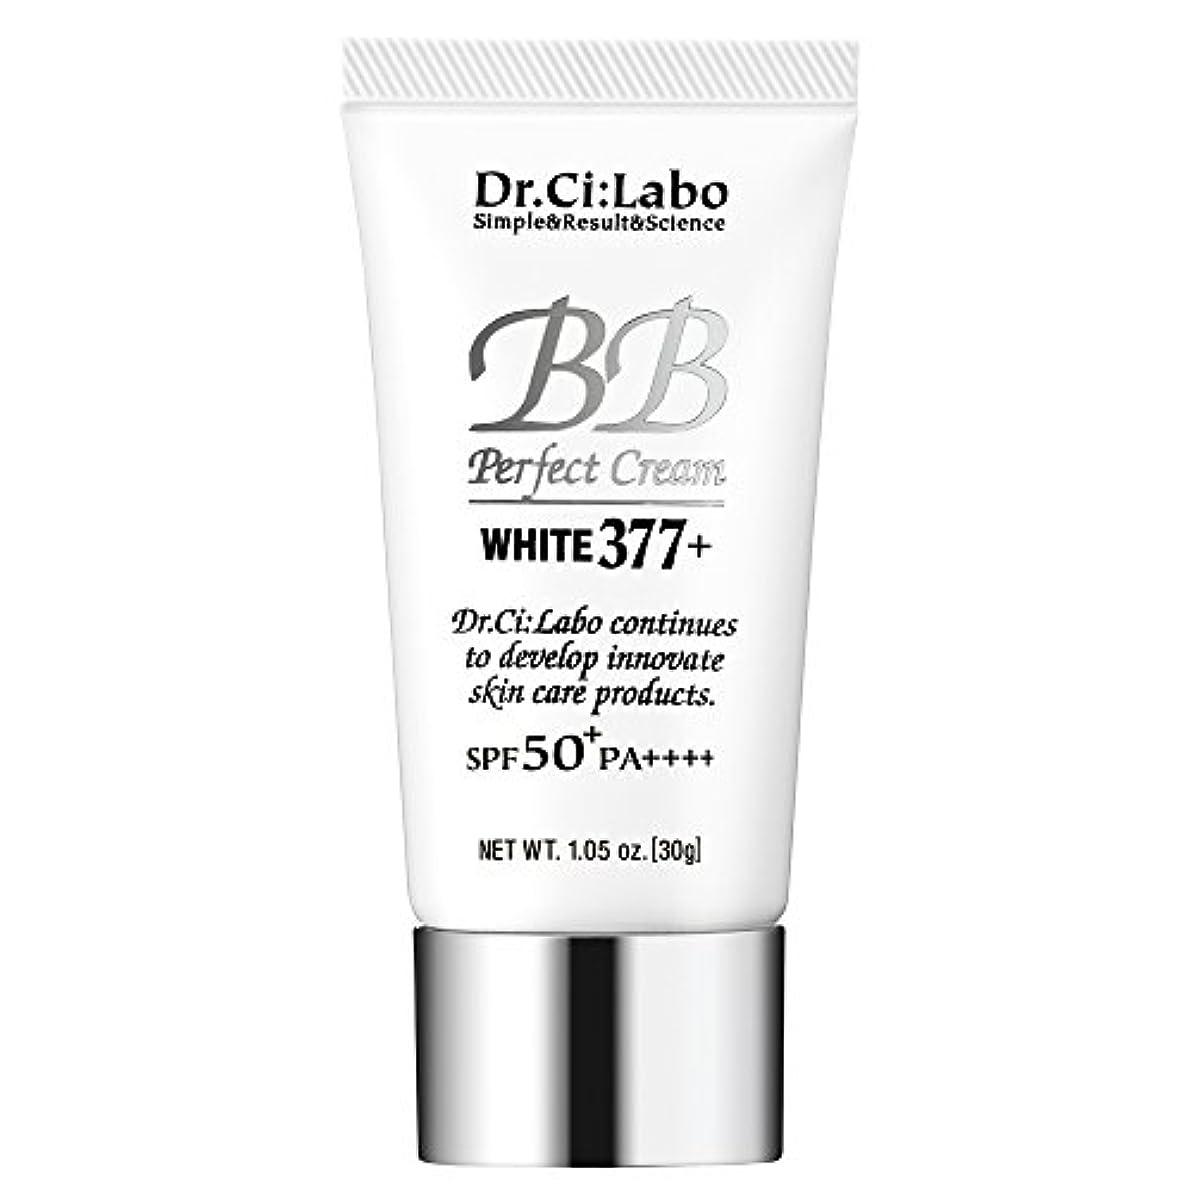 増加する長老欠乏ドクターシーラボ BBパーフェクトクリーム ホワイト377+ 30g 多機能ファンデーション 化粧下地